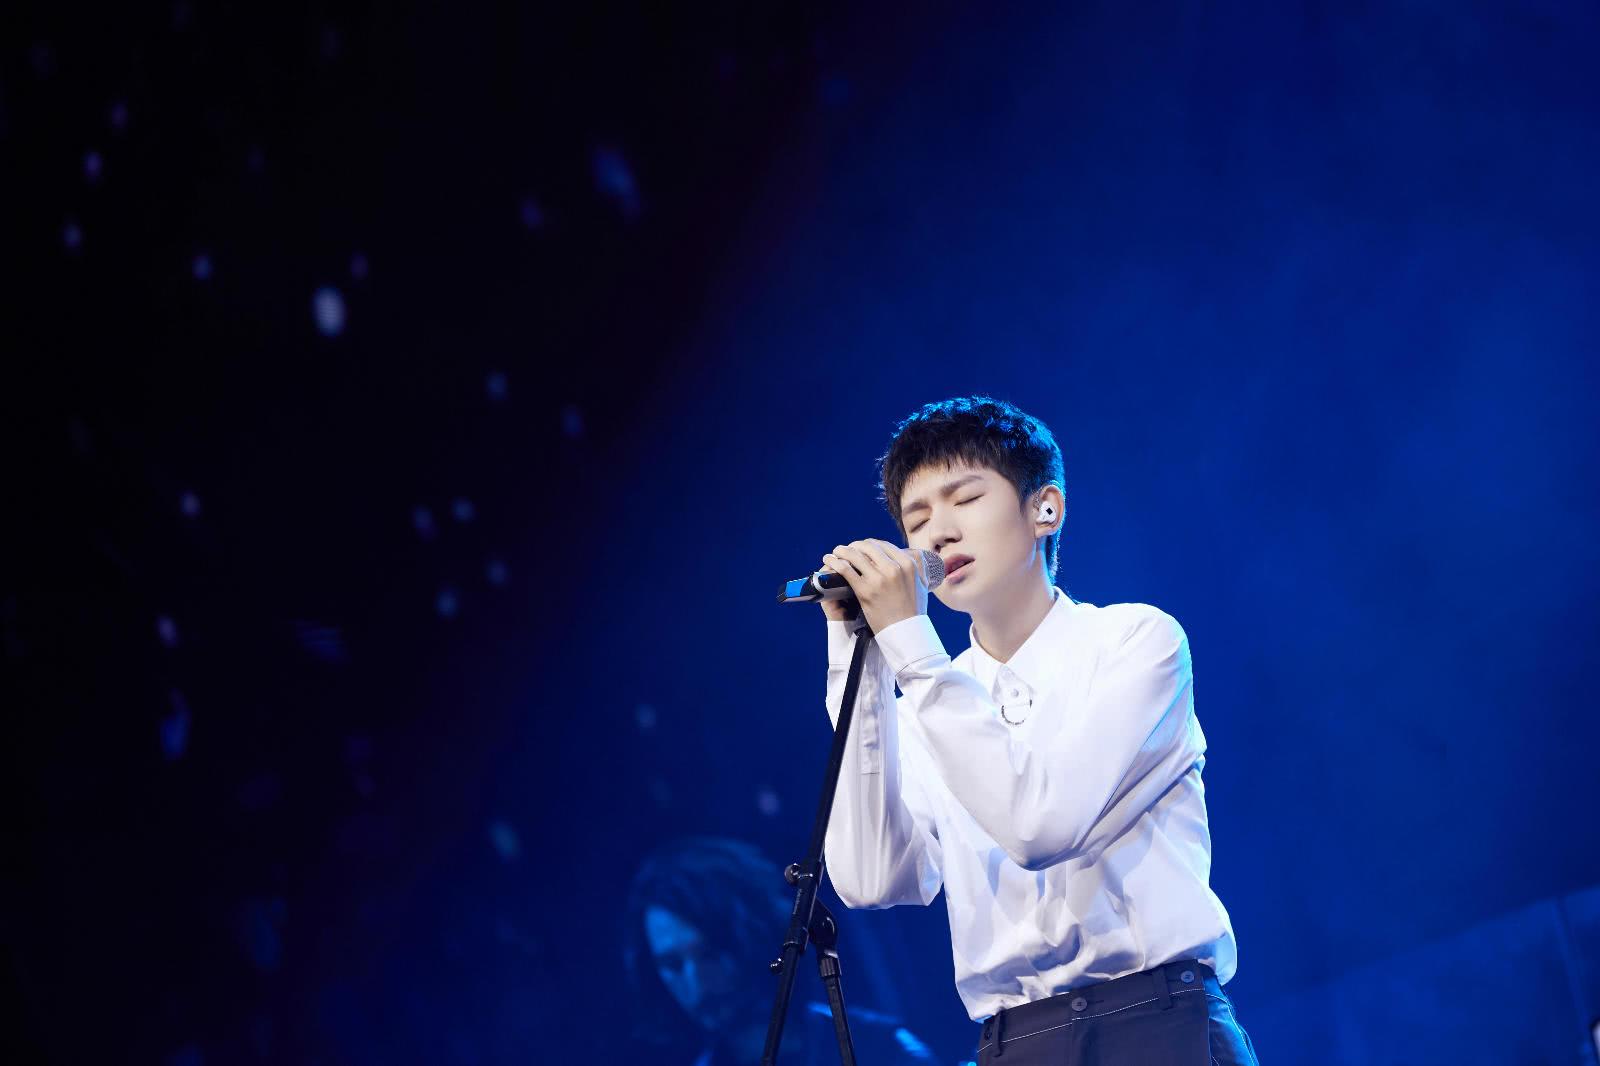 王源在《我是唱作人》里情绪崩溃,他唱哭的不止是自己